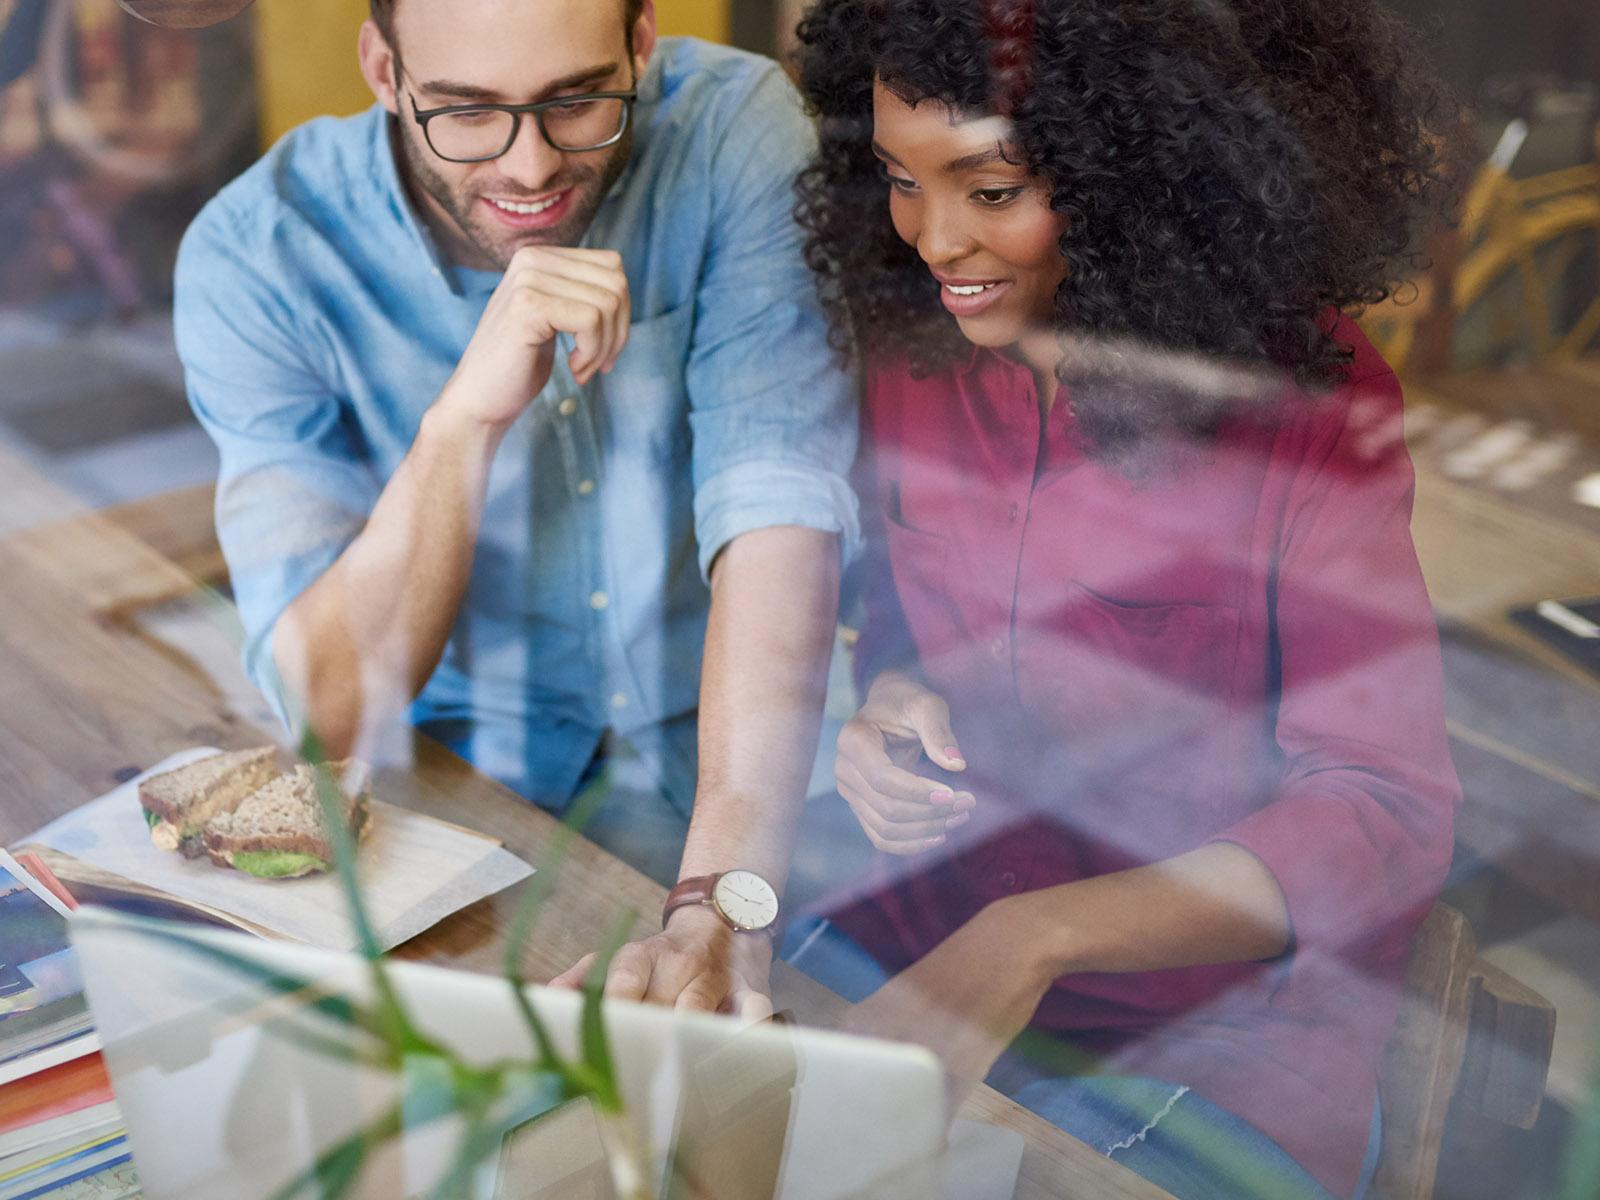 Zwei Personen planen gemeinsam den Content am Laptop